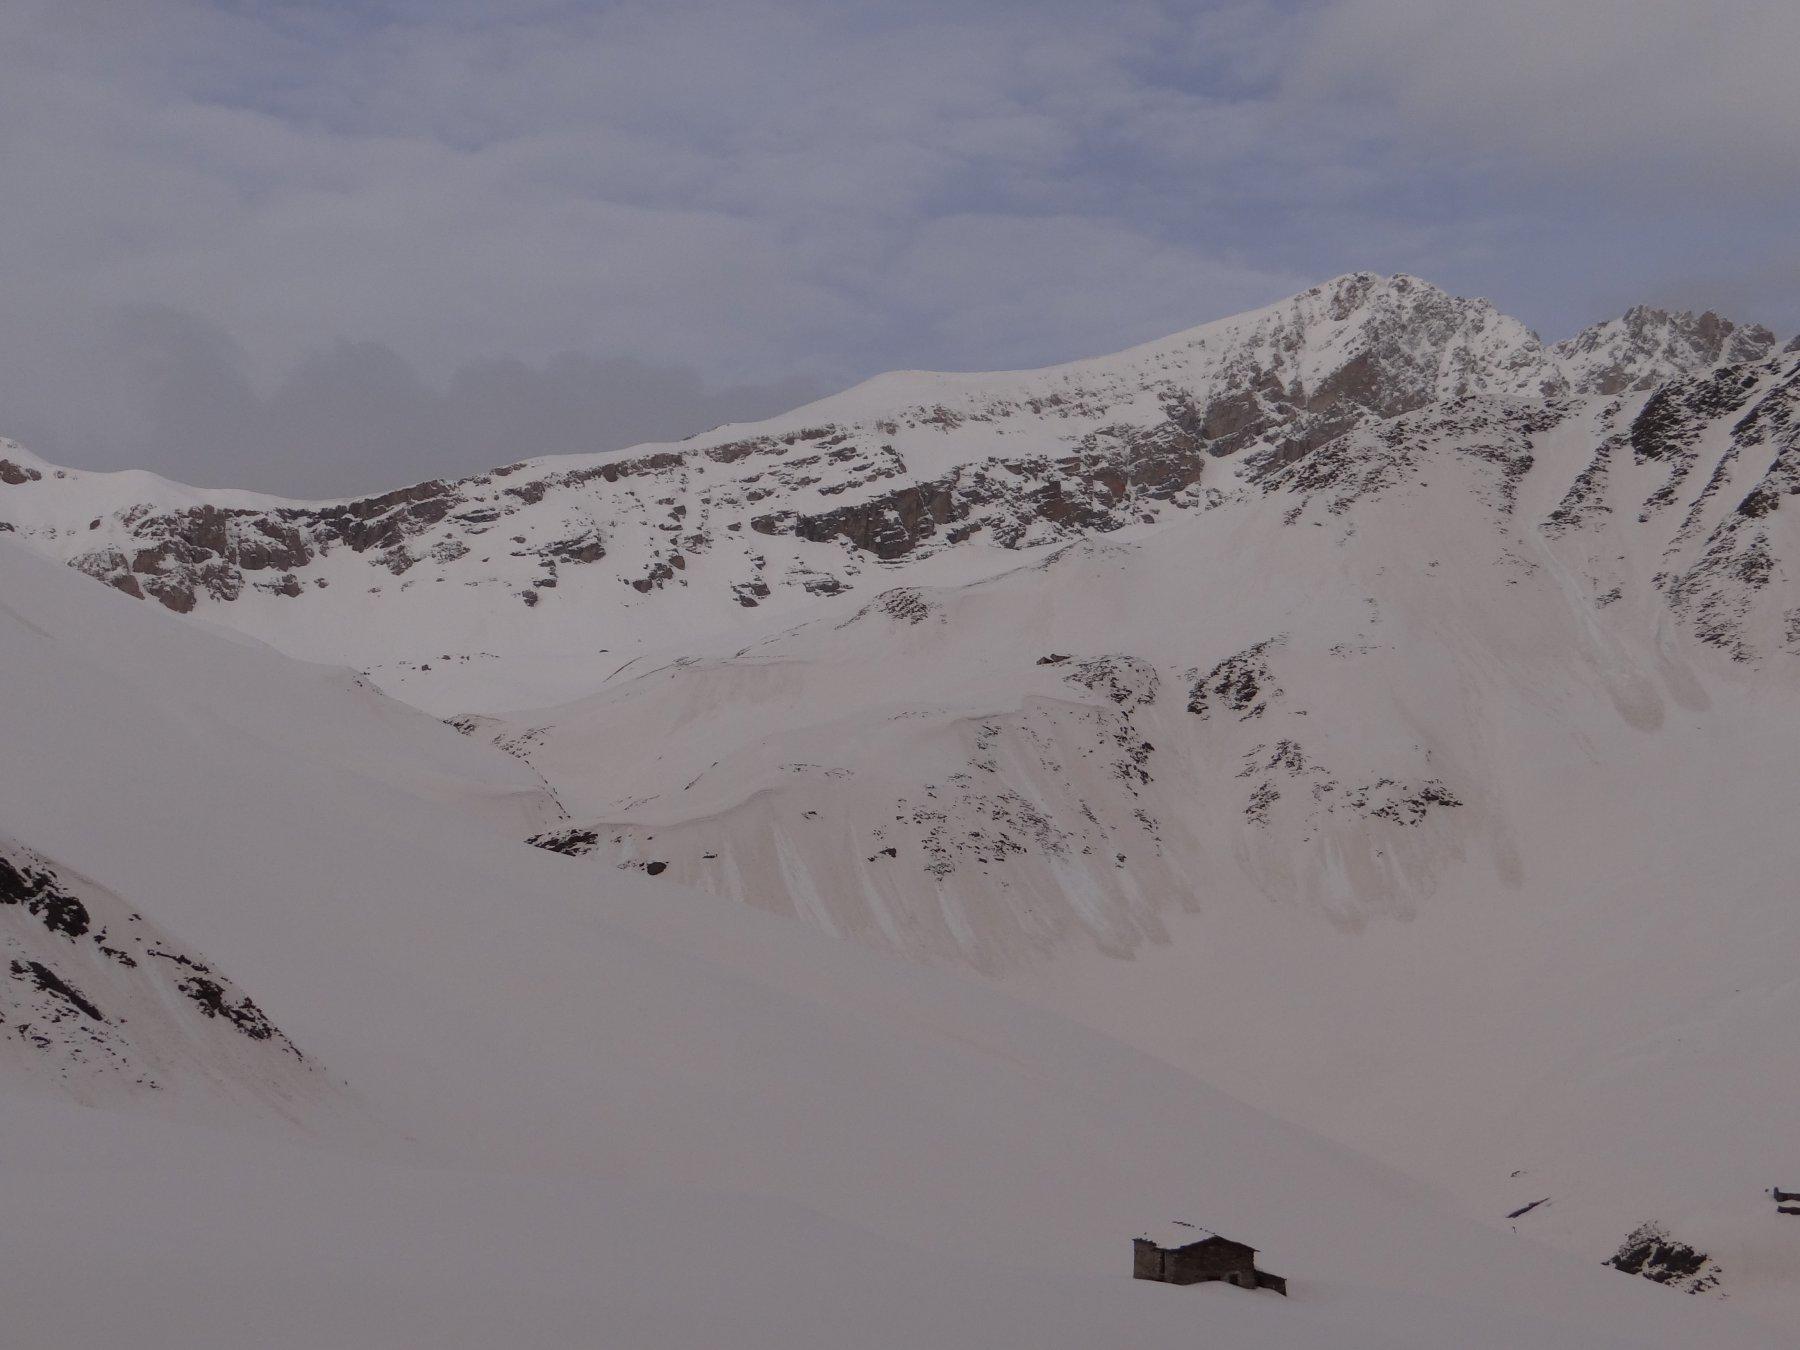 Distacchi diffusi di neve umida; in secondo piano il Monte Maniglia